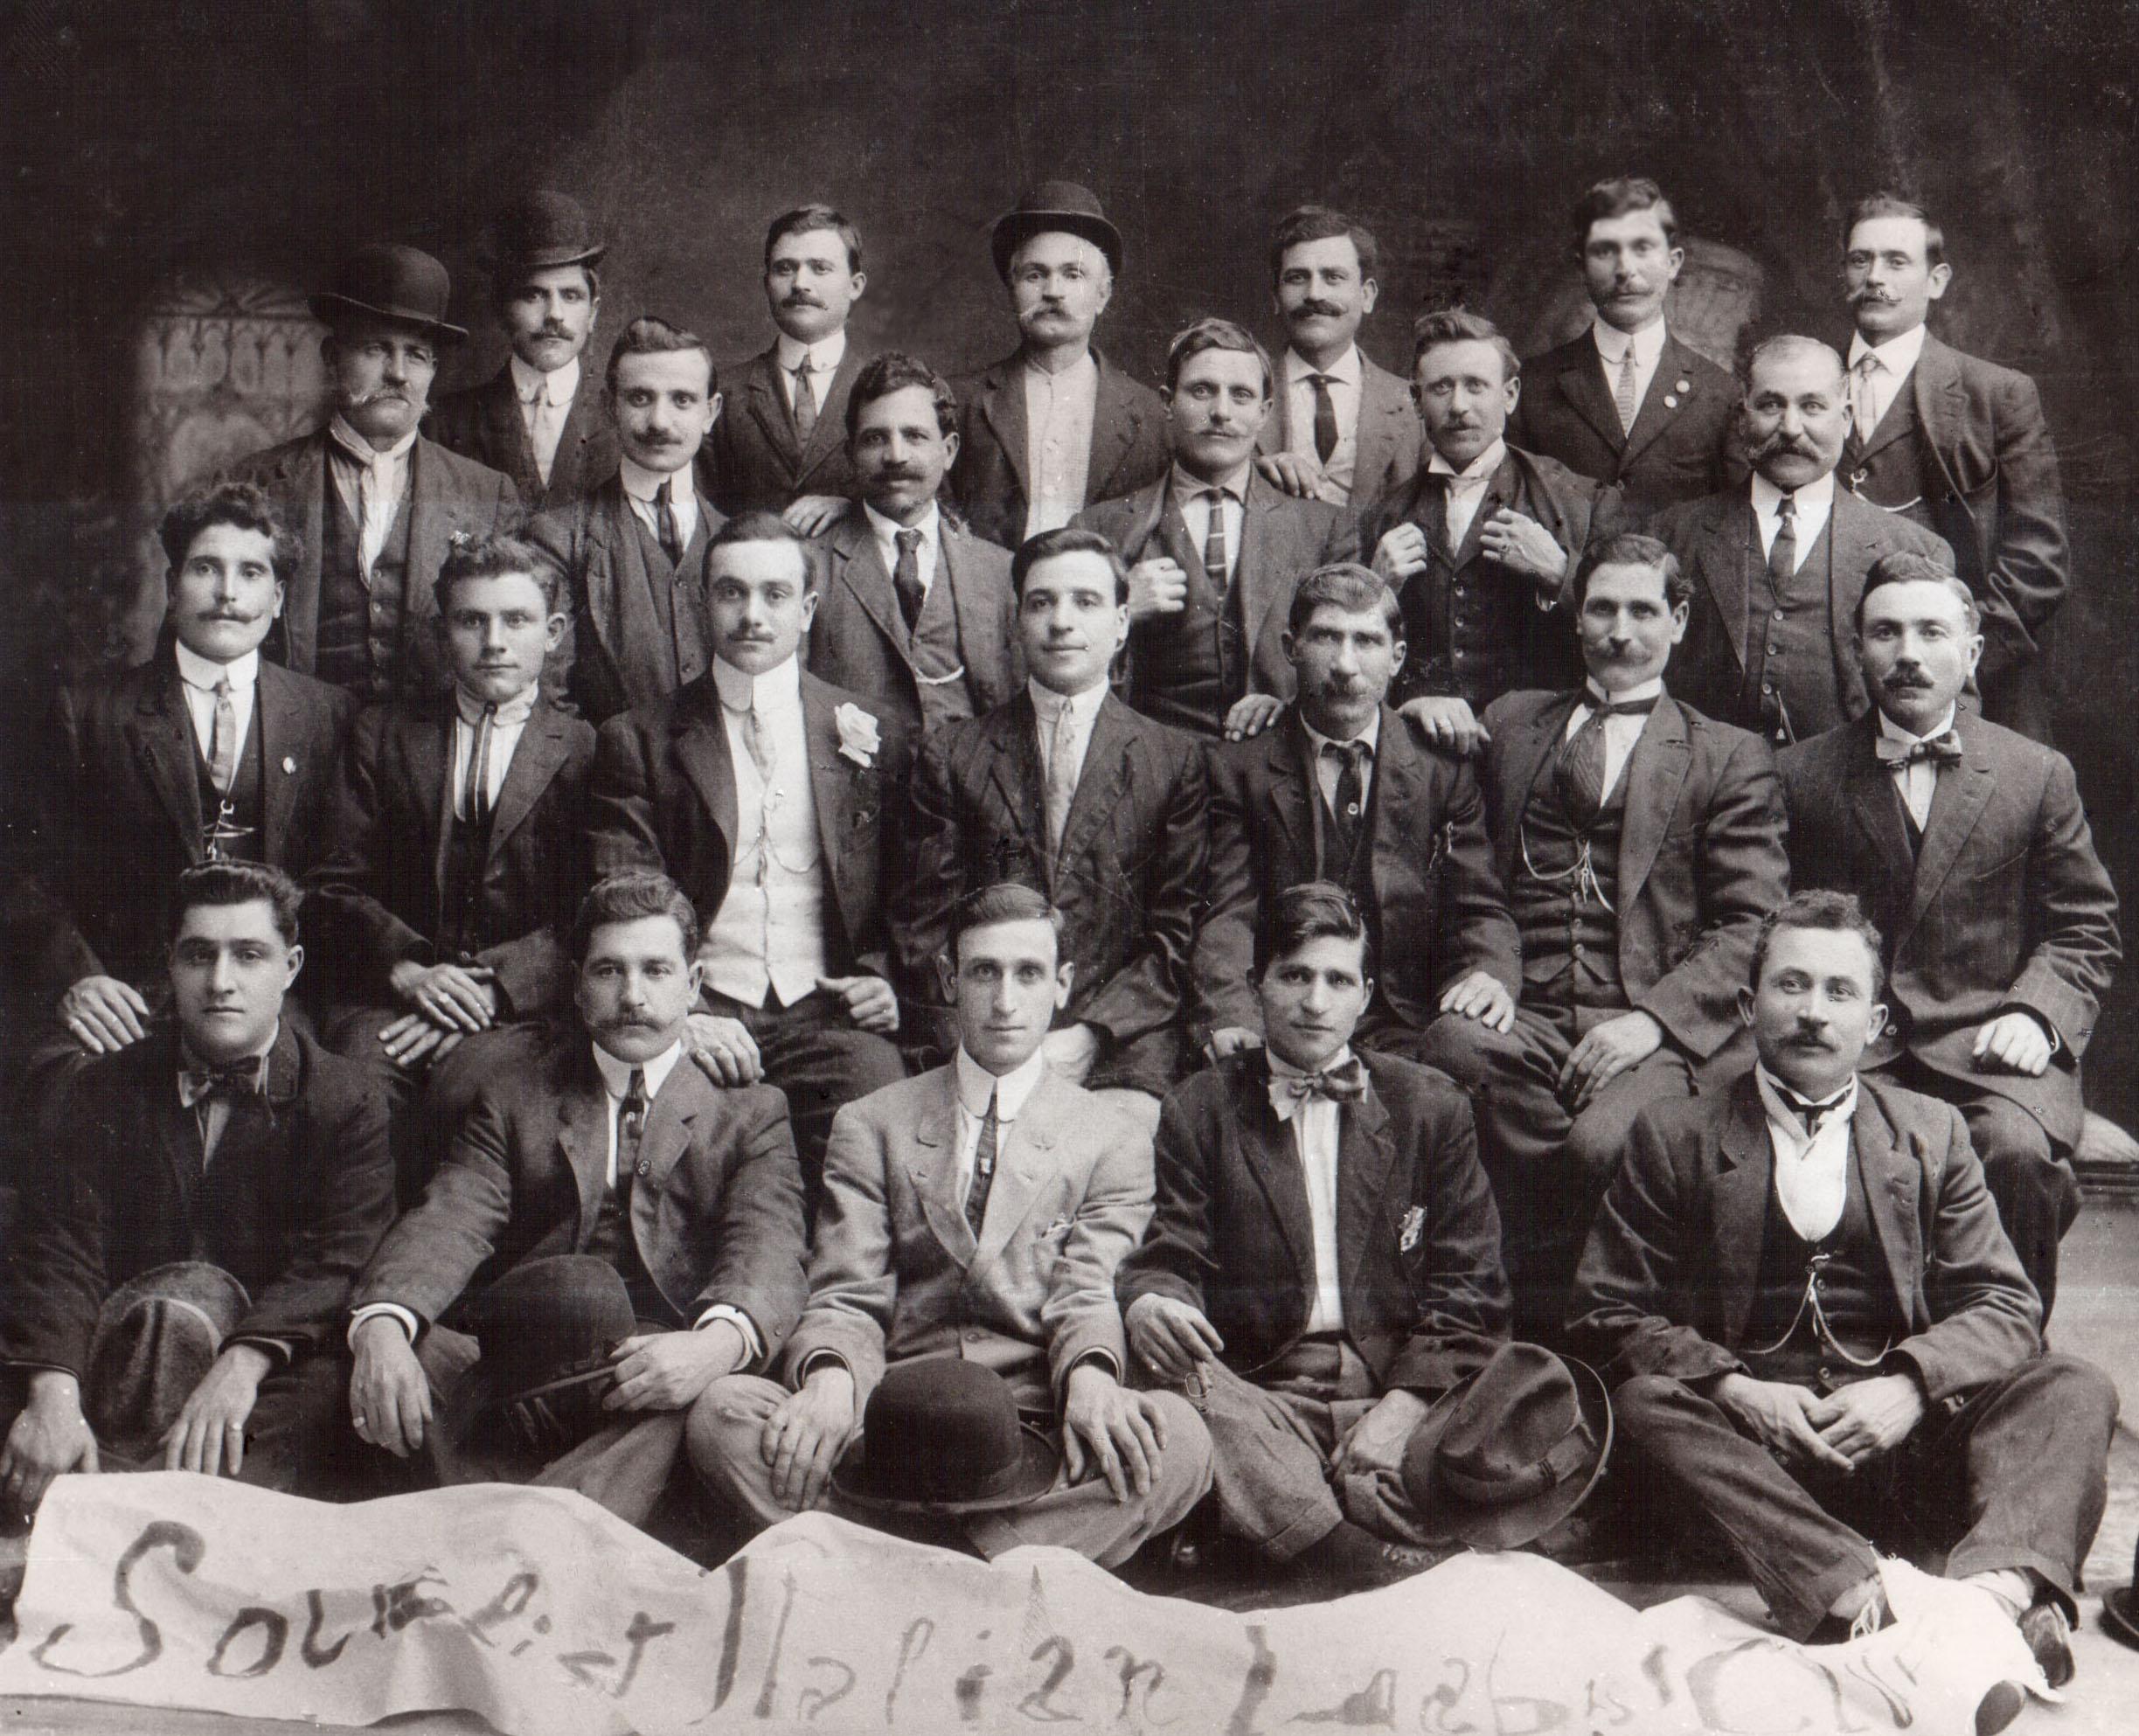 Gruppo di emigrati siciliani nella Sezione Socialista di Brooklyn (1910)